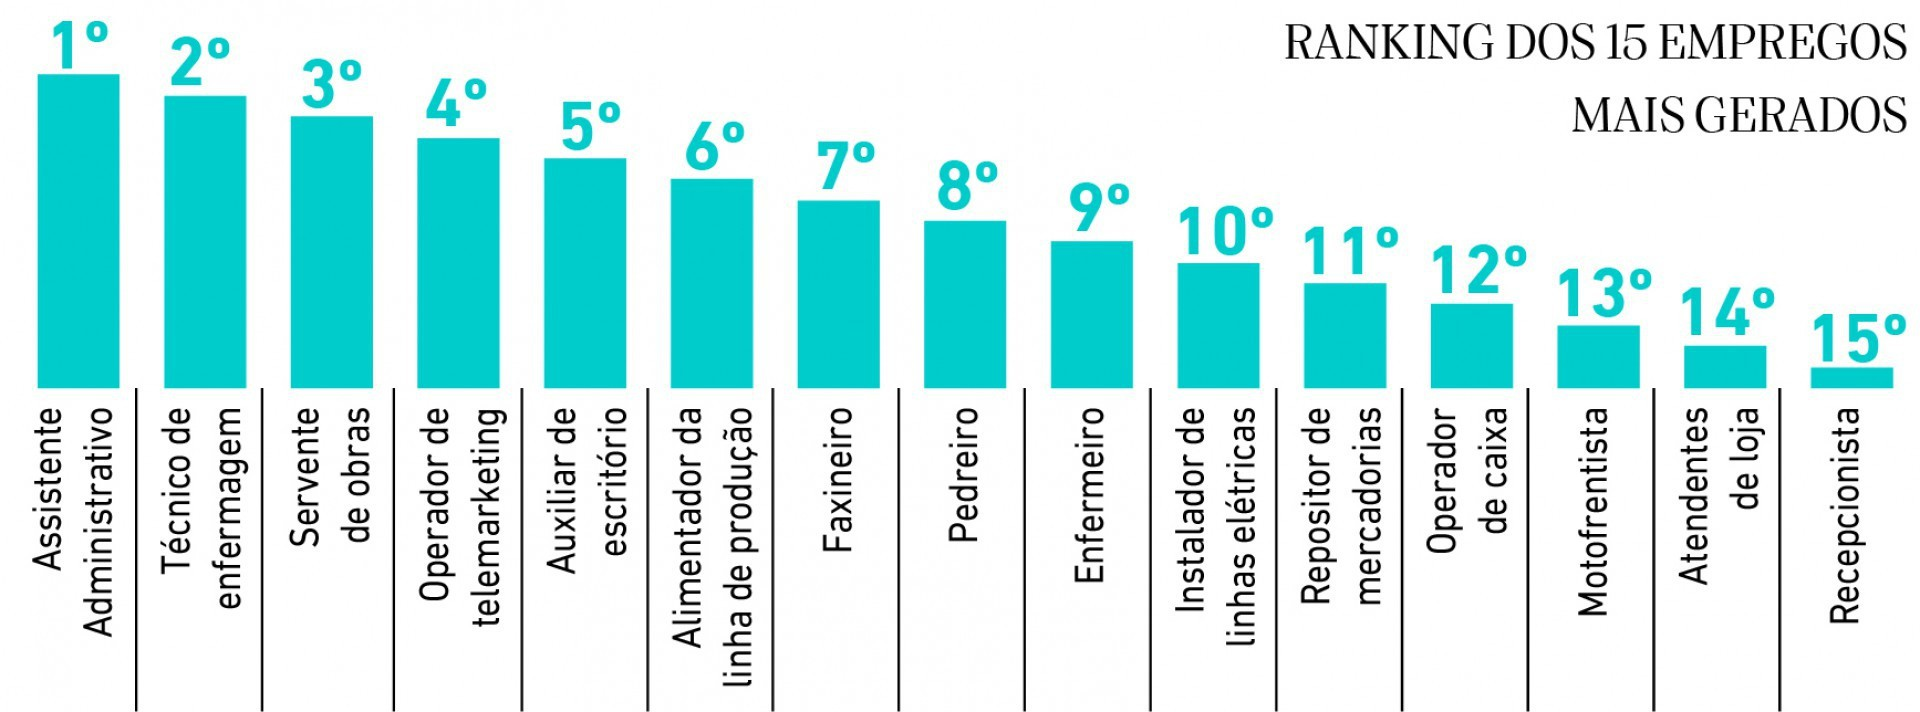 Ranking dos 15 empregos mais gerados(Foto: Ranking dos 15 empregos mais gerados)